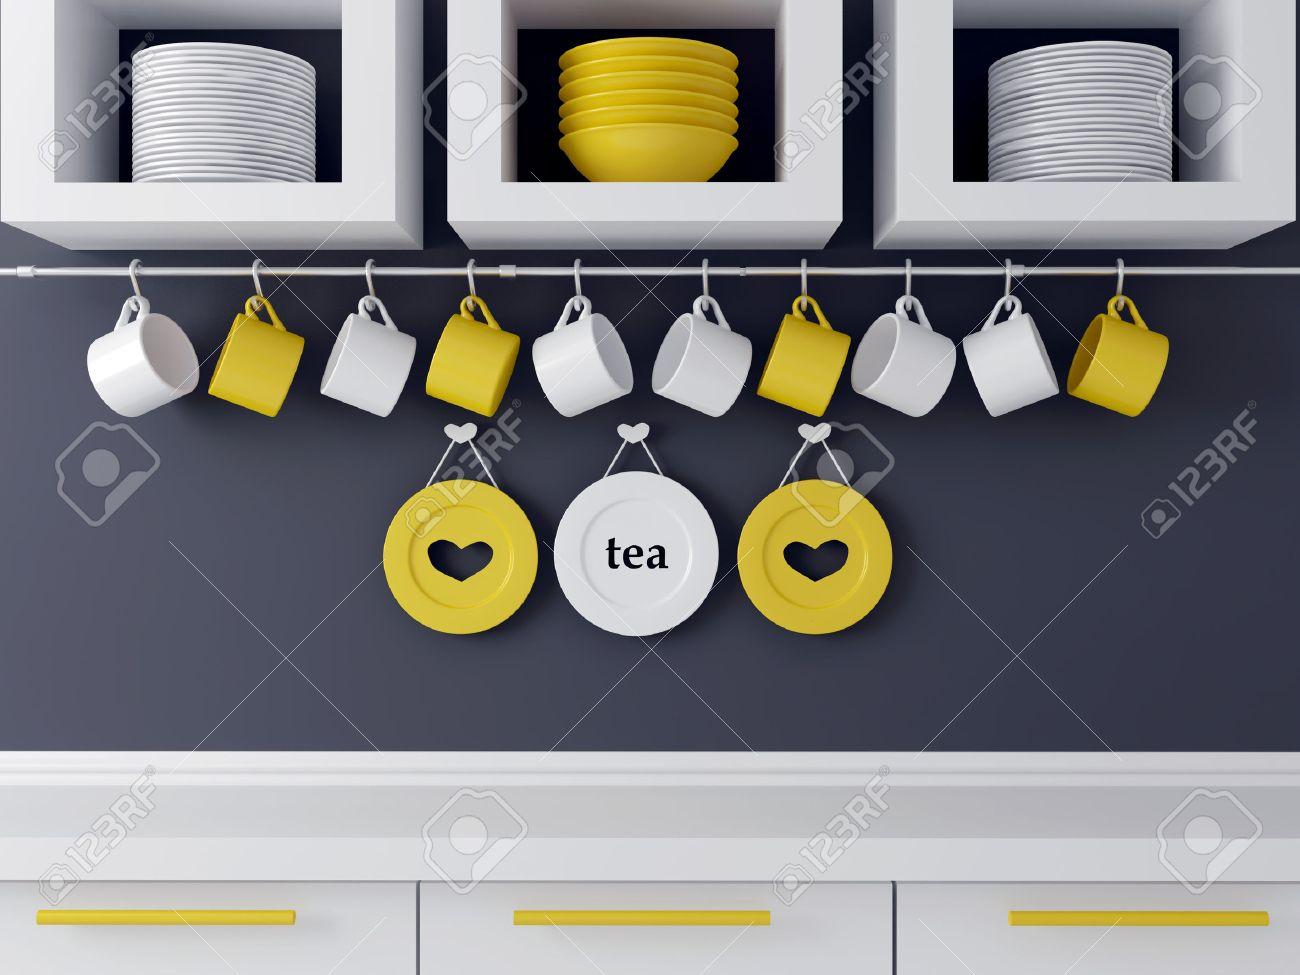 Moderne Kuche Design Mit Weissen Mobeln Keramik Geschirr Im Regal